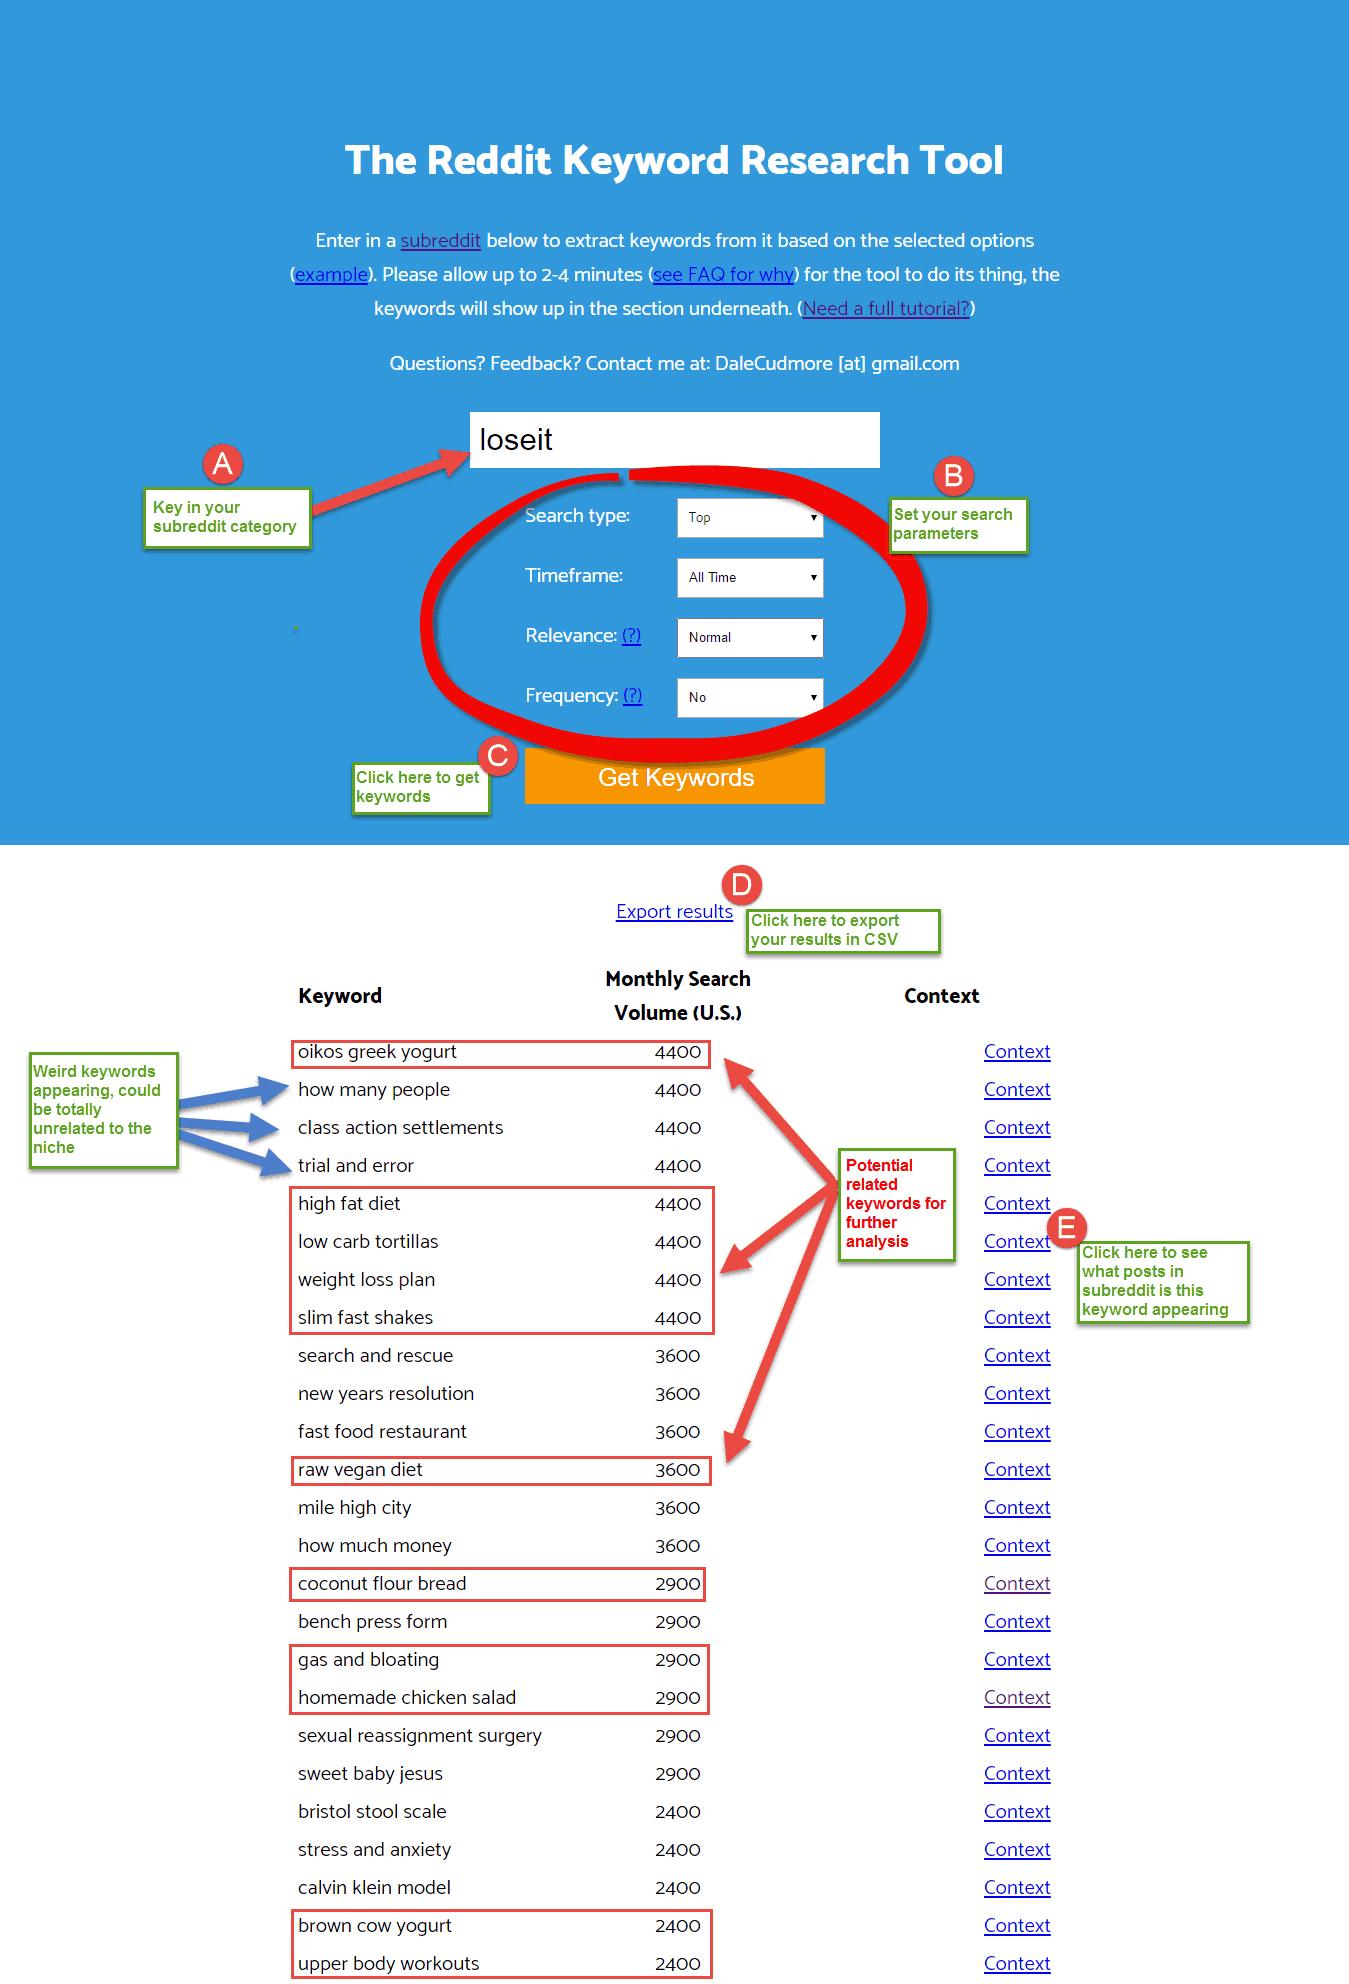 Analyse /r/loesit weight loss subreddit in Keyworddit.com